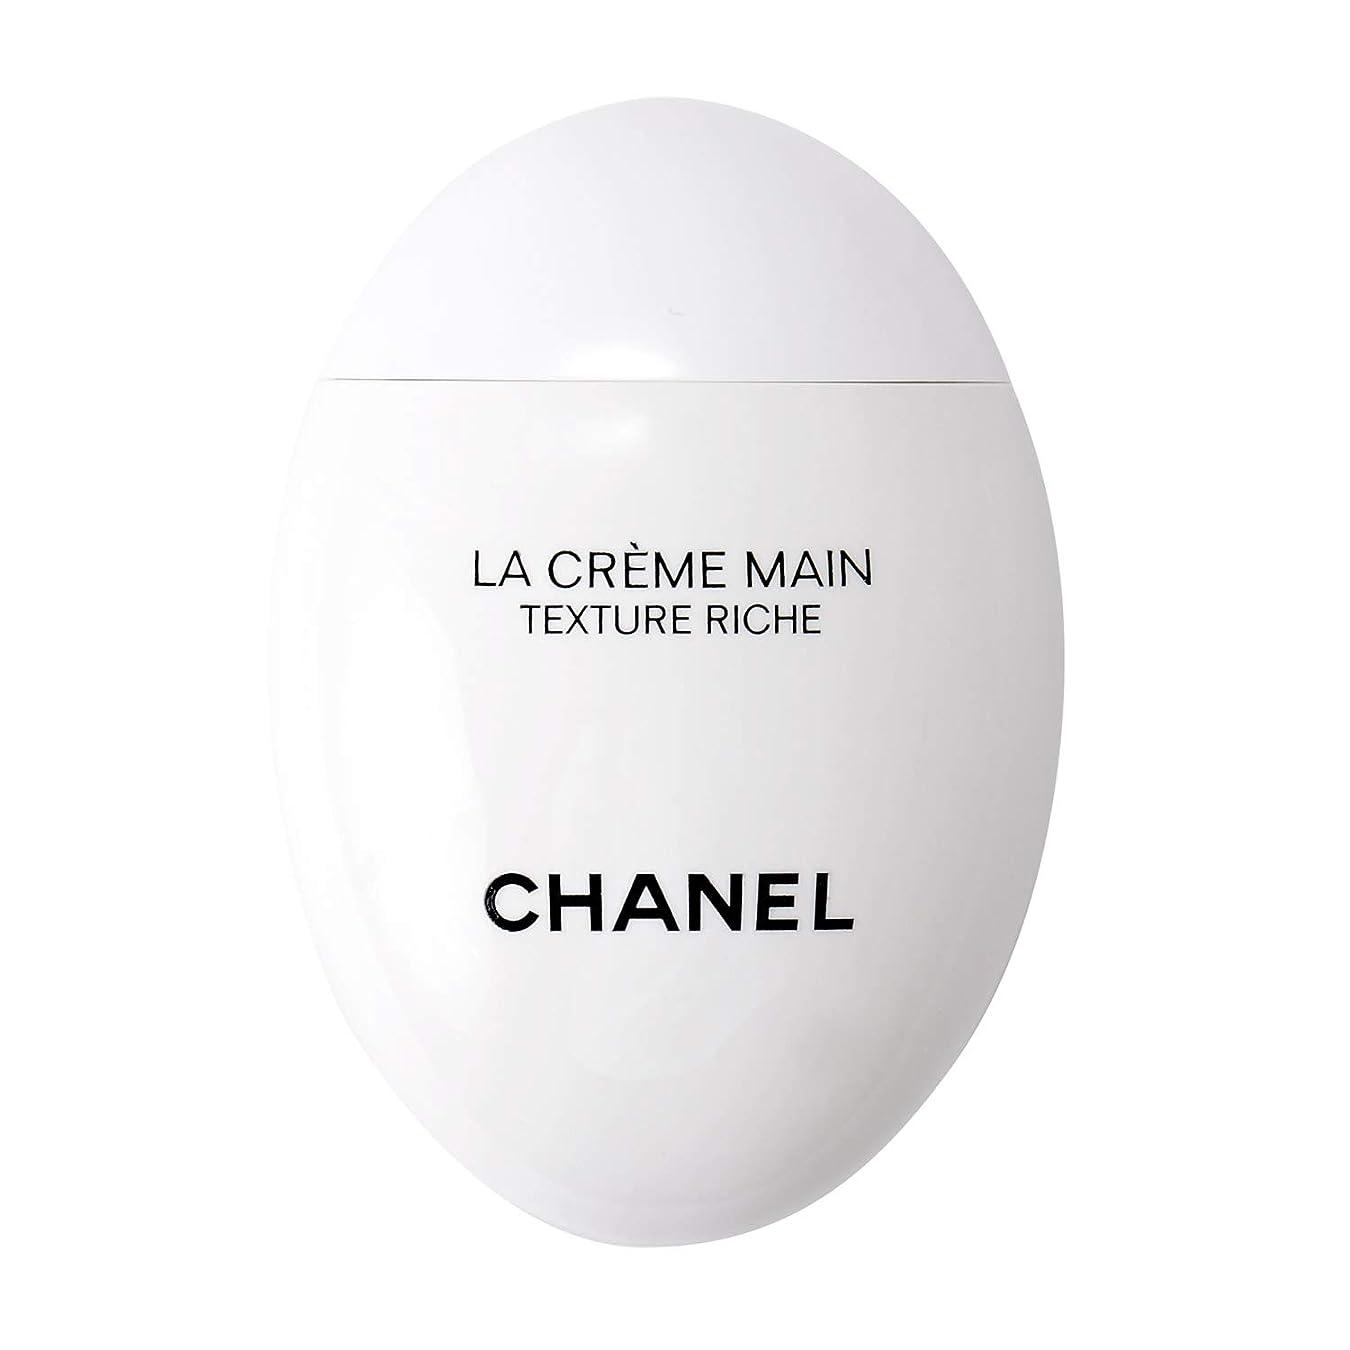 放散する危険を冒します注釈を付ける[ギフトラッピング] シャネル CHANEL ハンドクリーム 50ml ラ クレーム マン ショップバッグ付き (50ml)